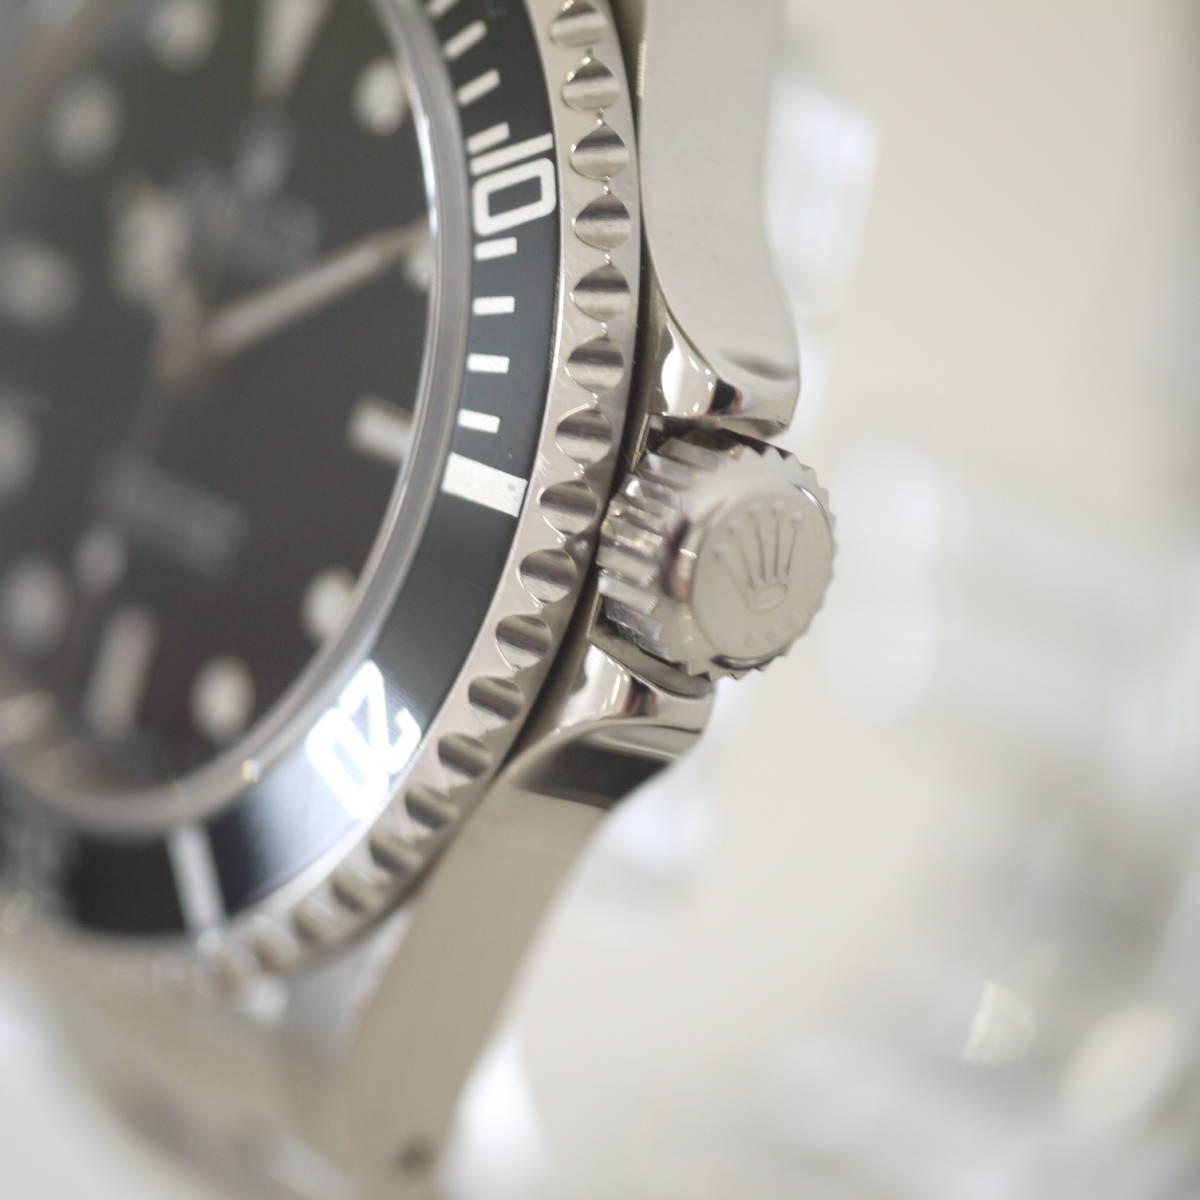 早い者勝ち!! 100%正規品 ROLEX ロレックス サブマリーナ メンズ 自動巻き 腕時計 オートマ 14060M ブラック 黒_画像5